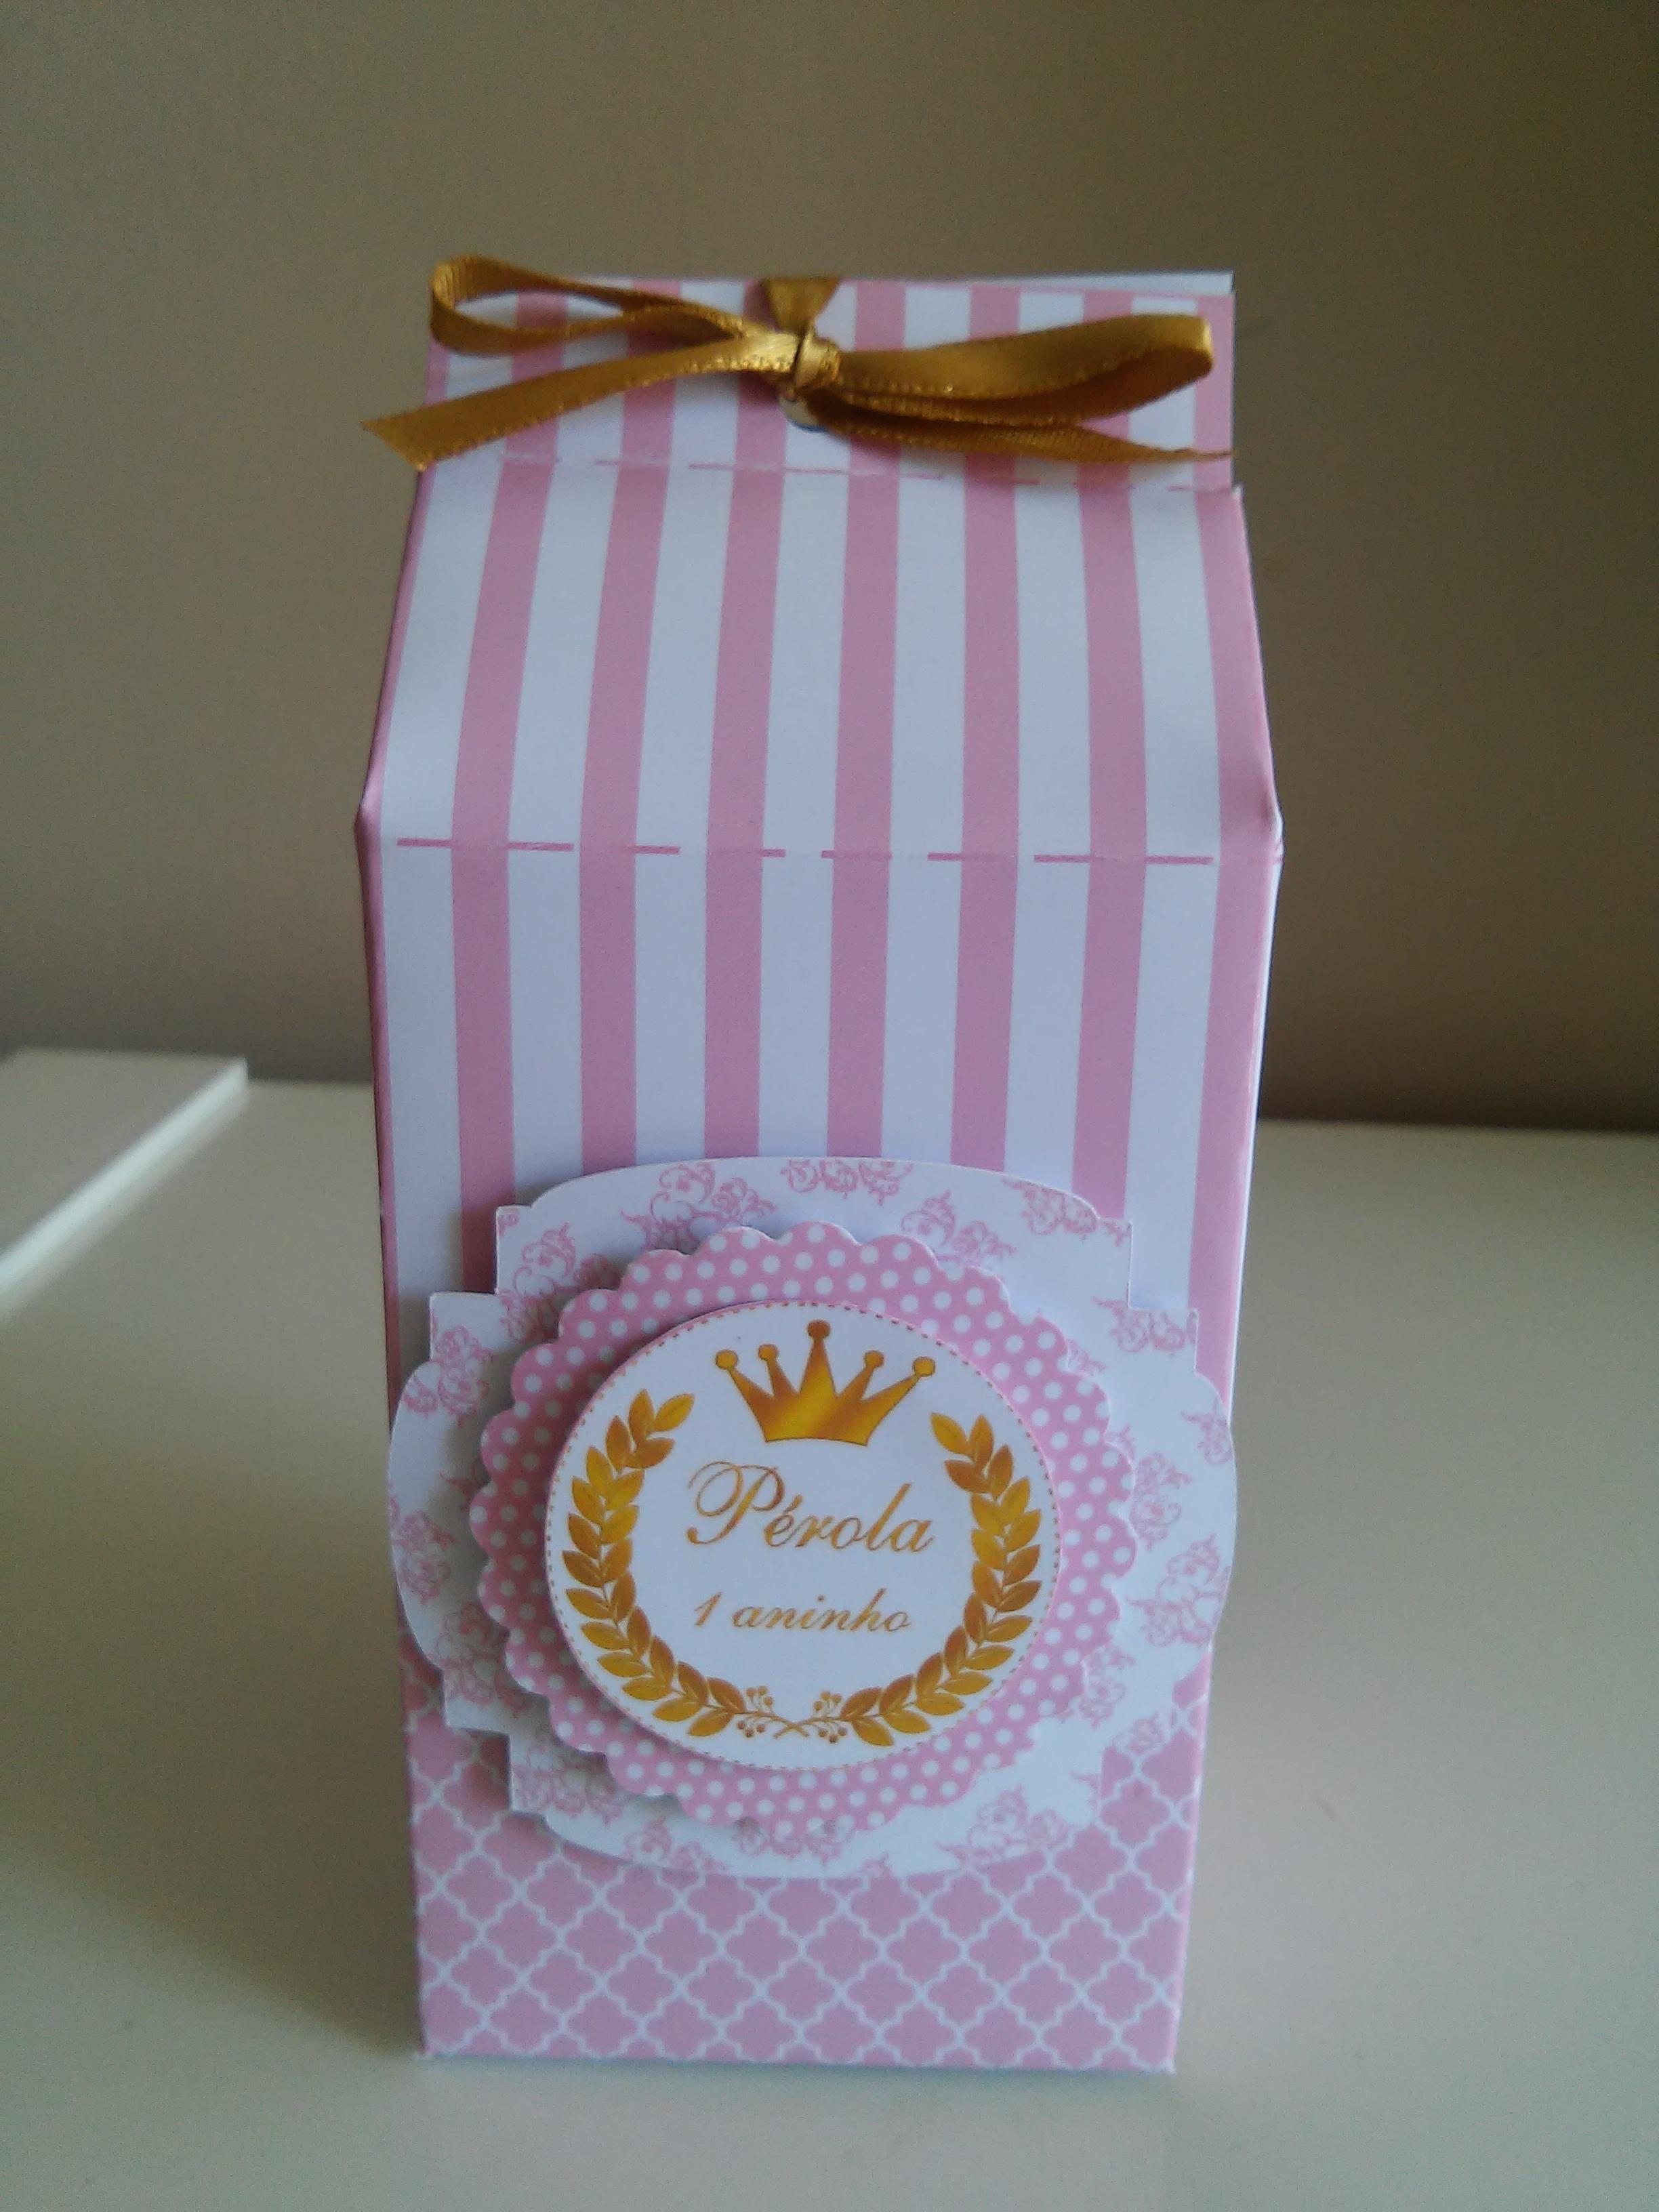 Lembrancinha de Aniversário feita com Caixa de Leite - Mickey e Minnie -.